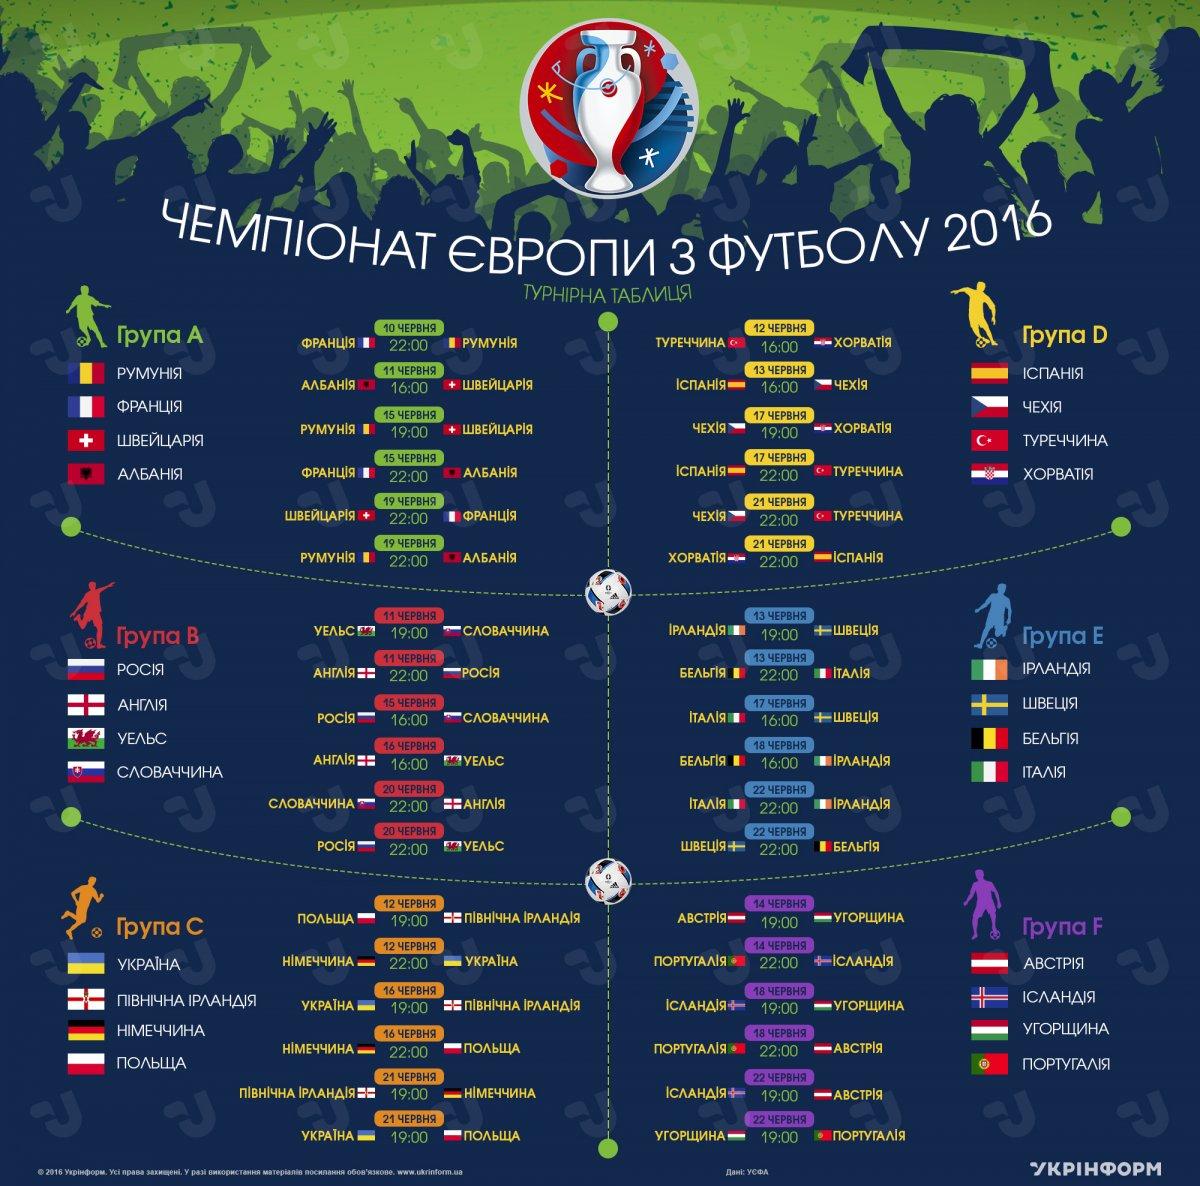 футбол евро 2016 расписание матчей таблица время пожалуйста можно